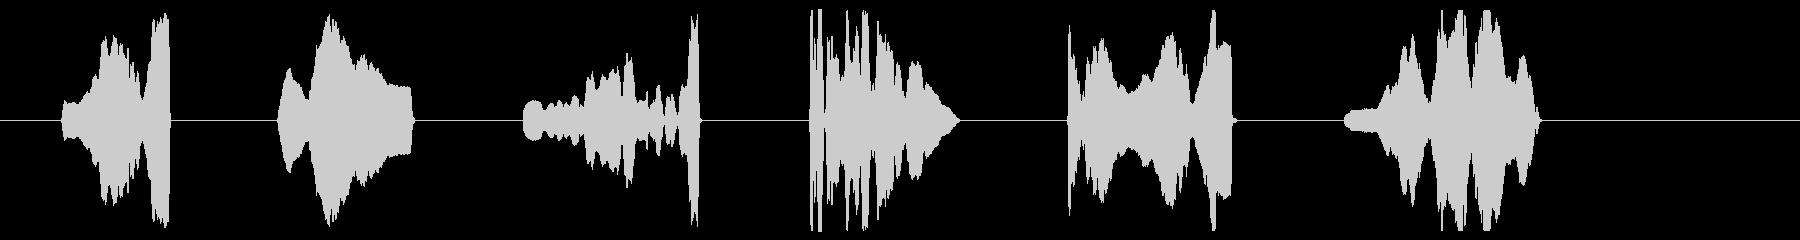 スライドホイッスル1-6バージョン-漫画の未再生の波形